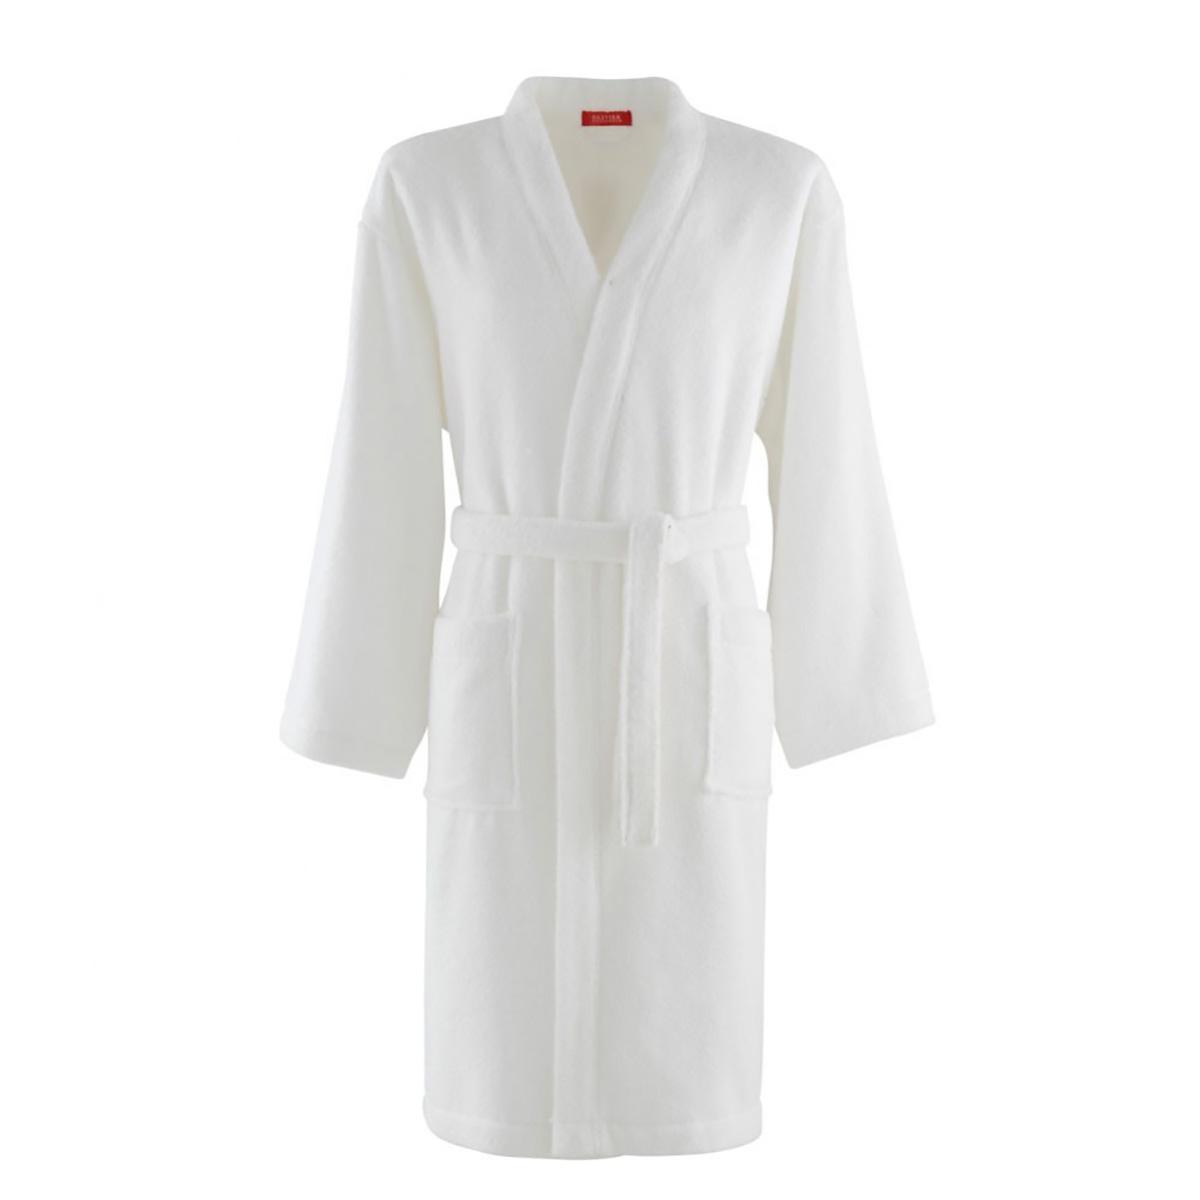 Kimono coton peigné Blanc L (photo)